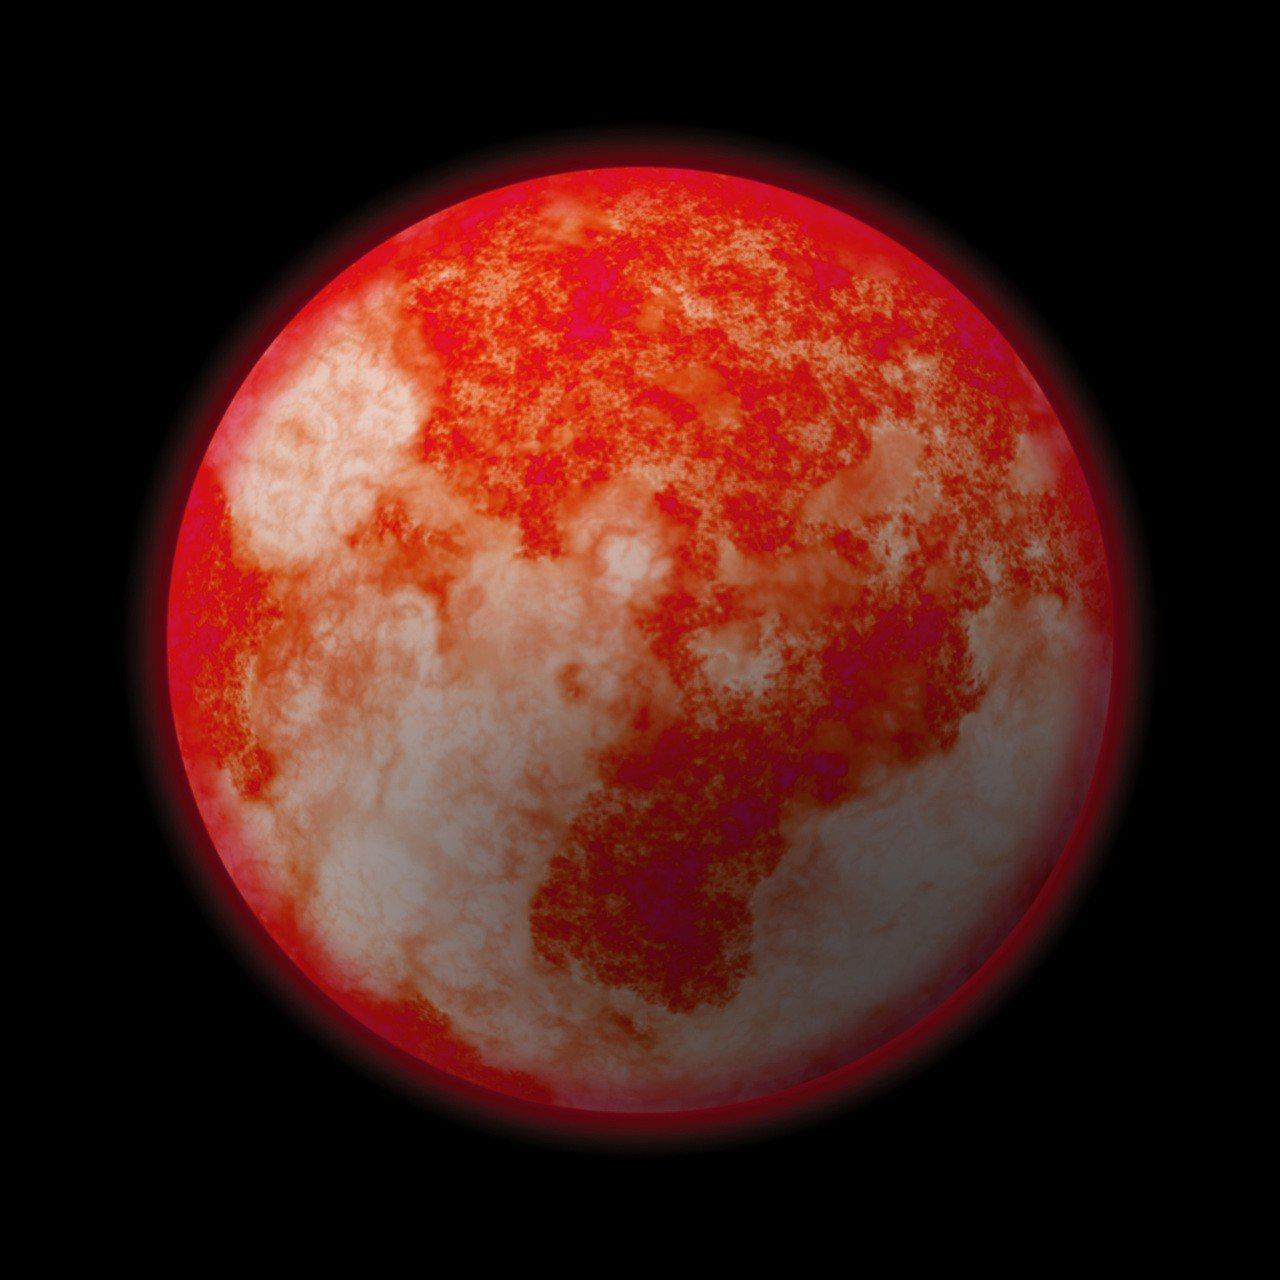 示意圖。火星共有8個冰河位置受到侵蝕裸露在外,一些淺到僅位於地表下1公尺,有的深...